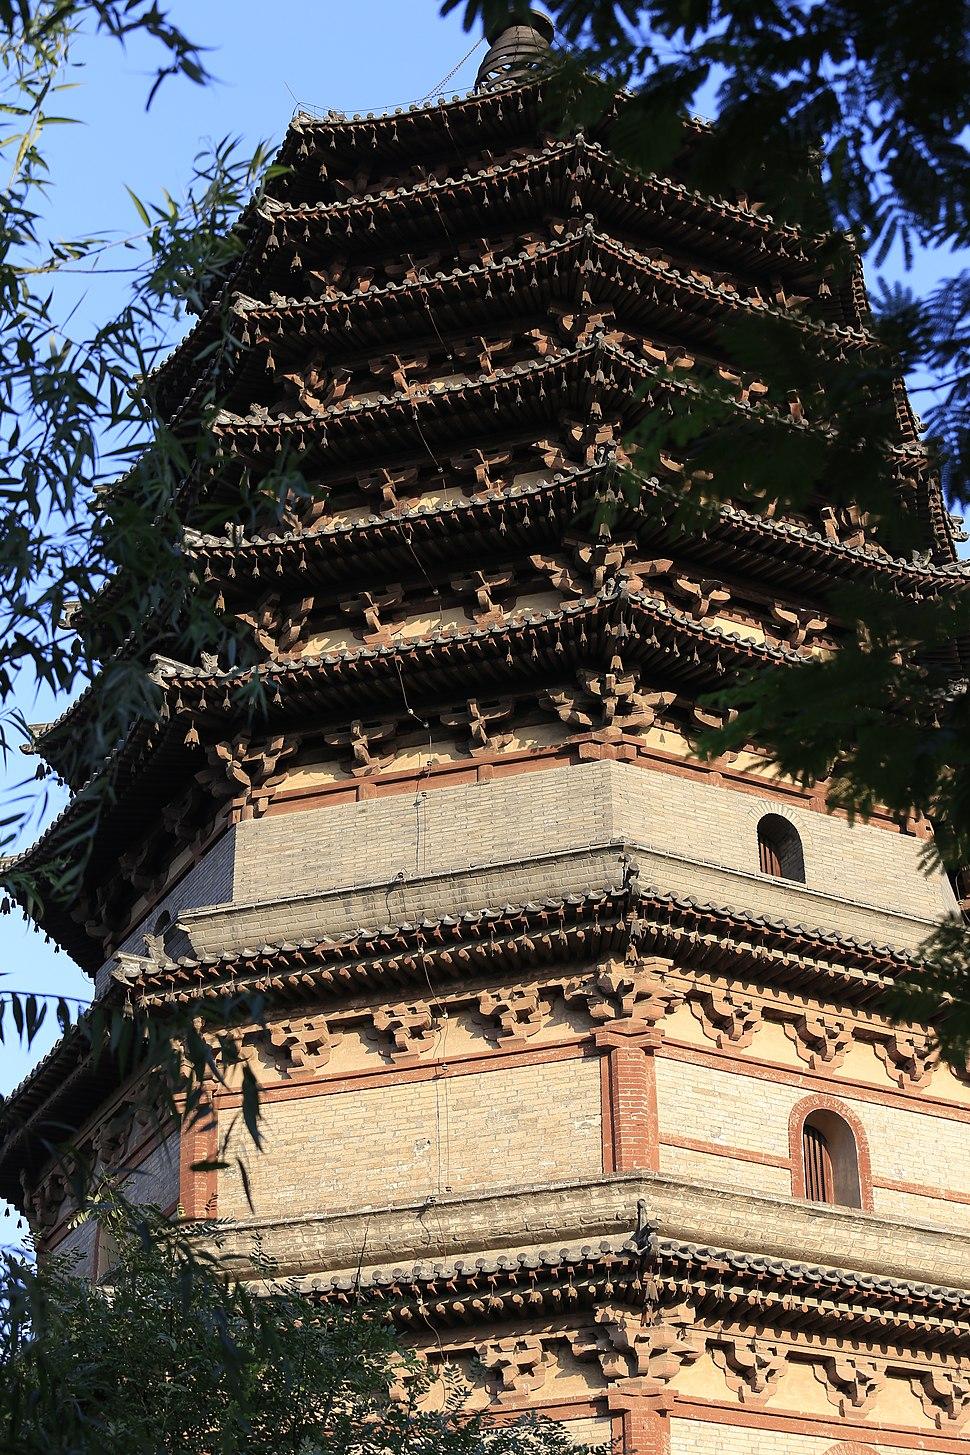 Zhengding Tianning Si Lingxiao Ta 2013.08.31 17-36-55